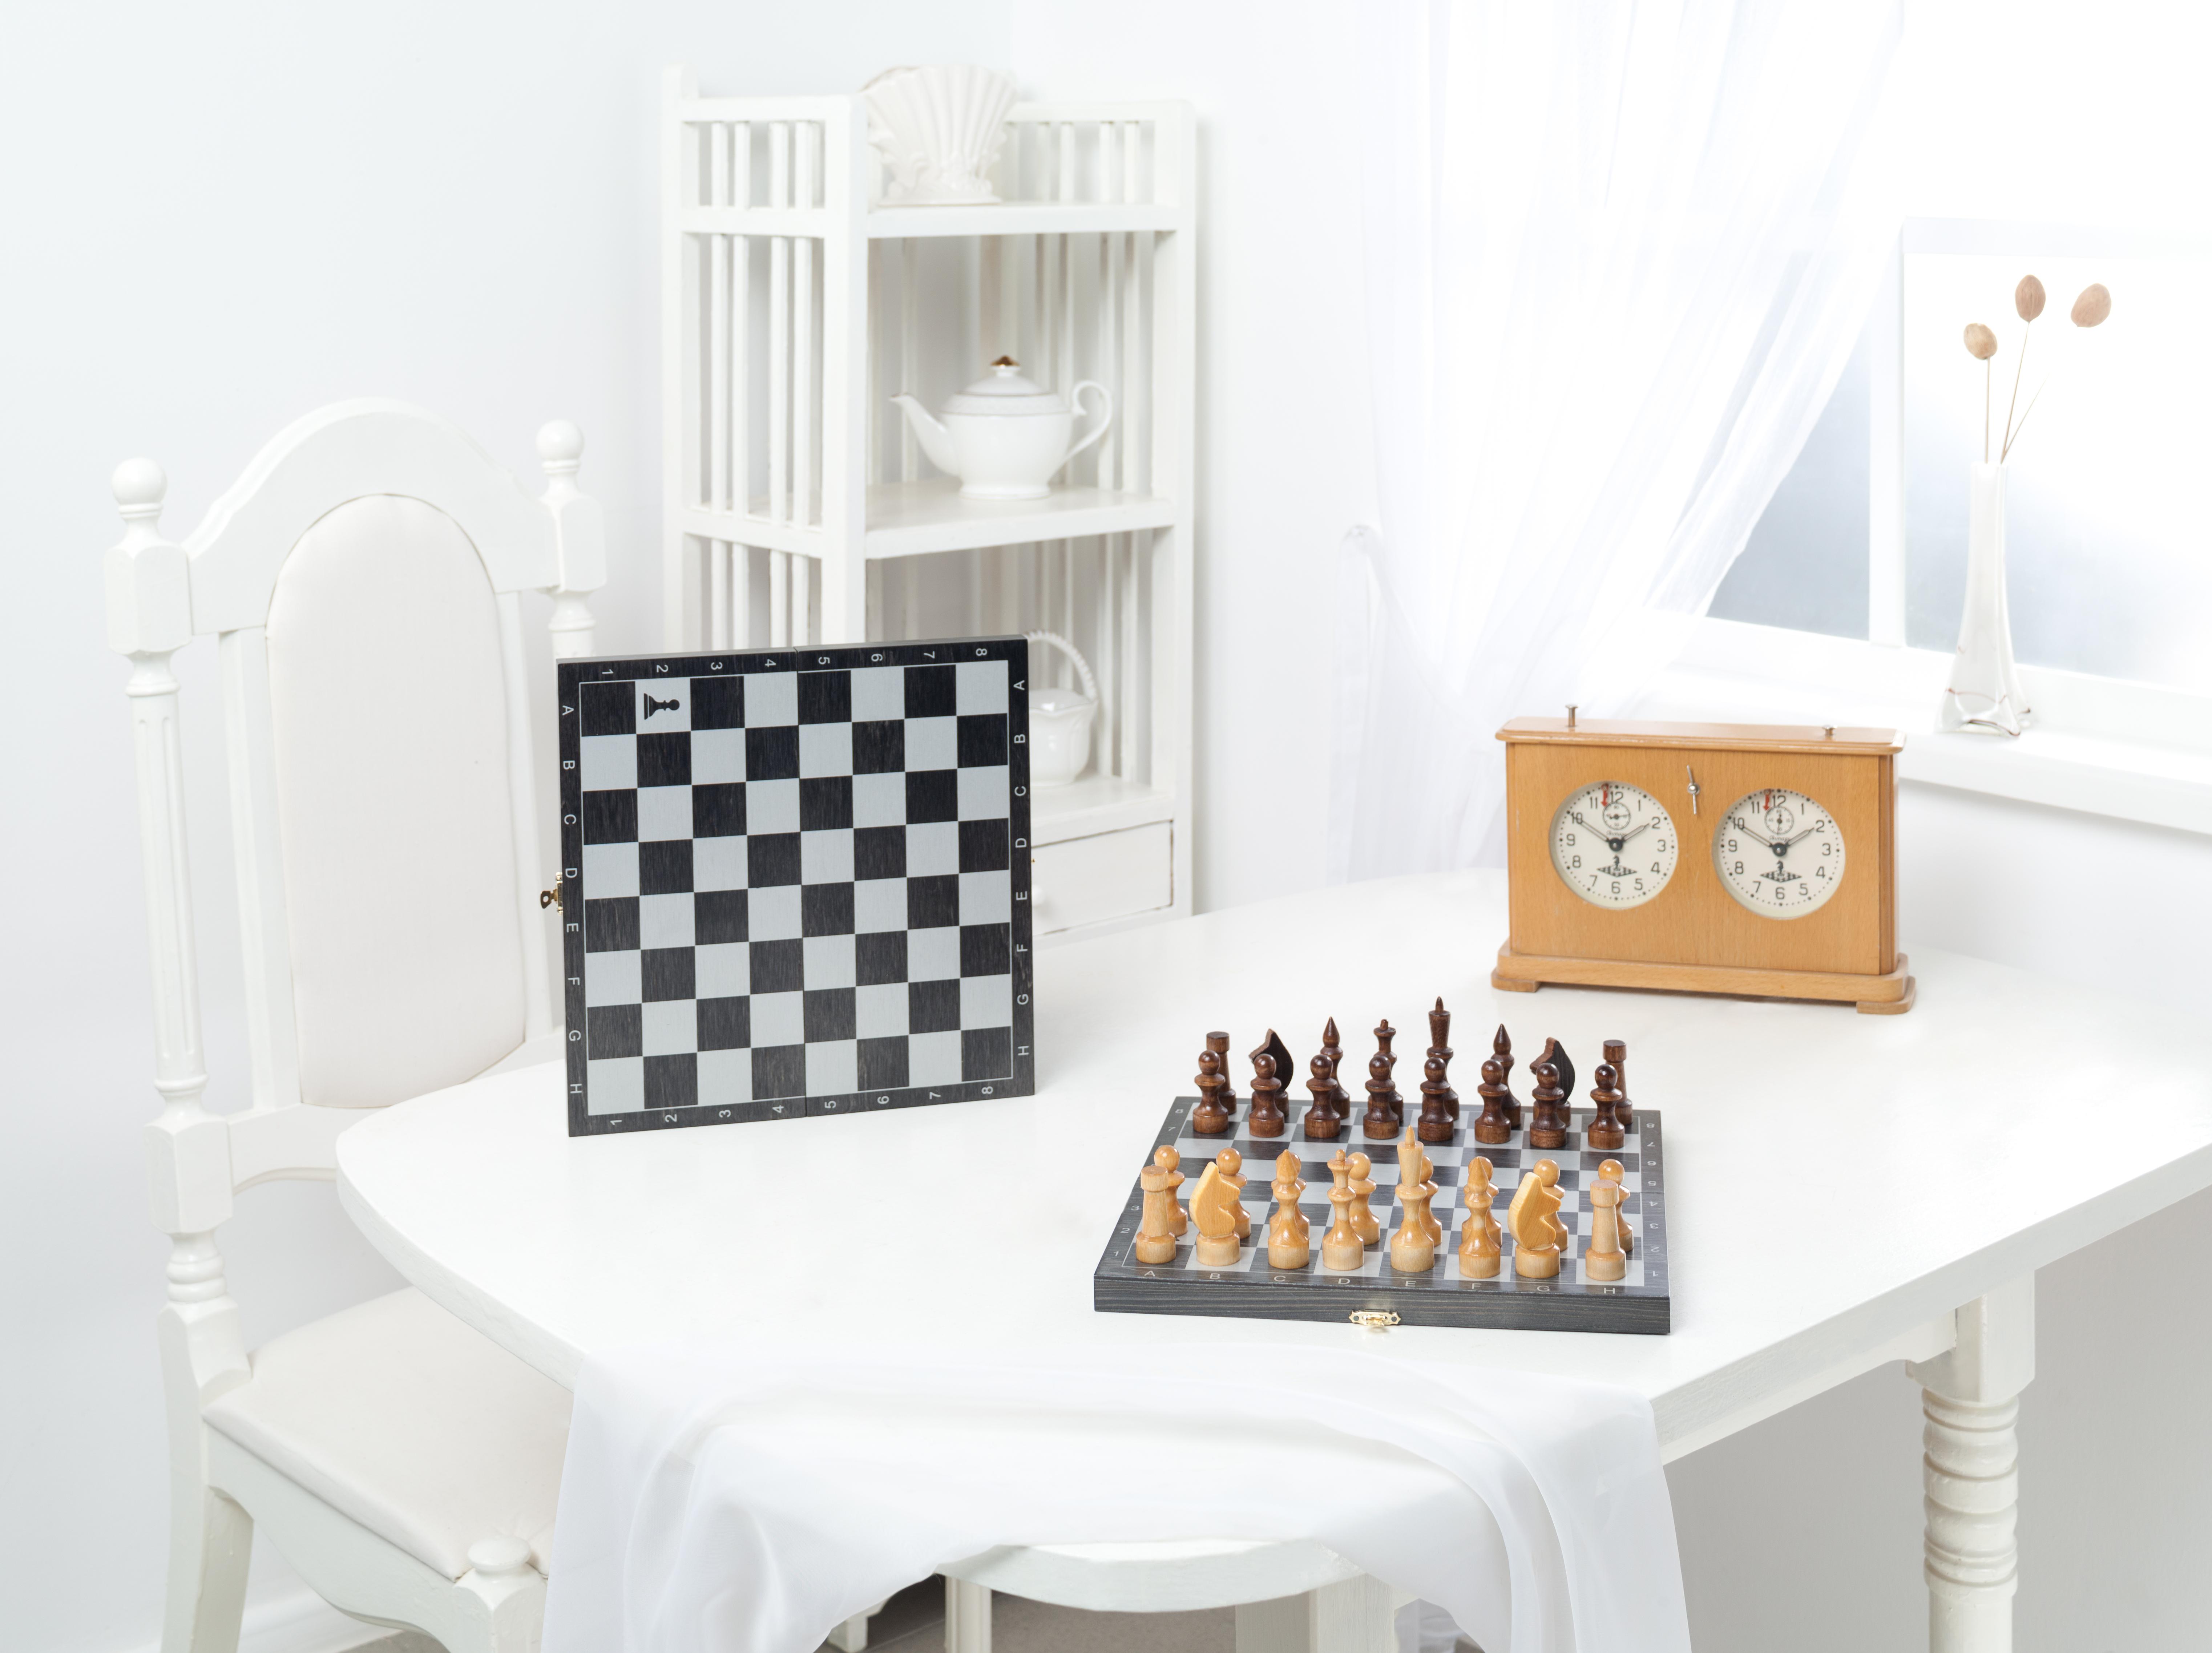 цены на Шахматы ОБЪЕДОВСКАЯ ФАБРИКА